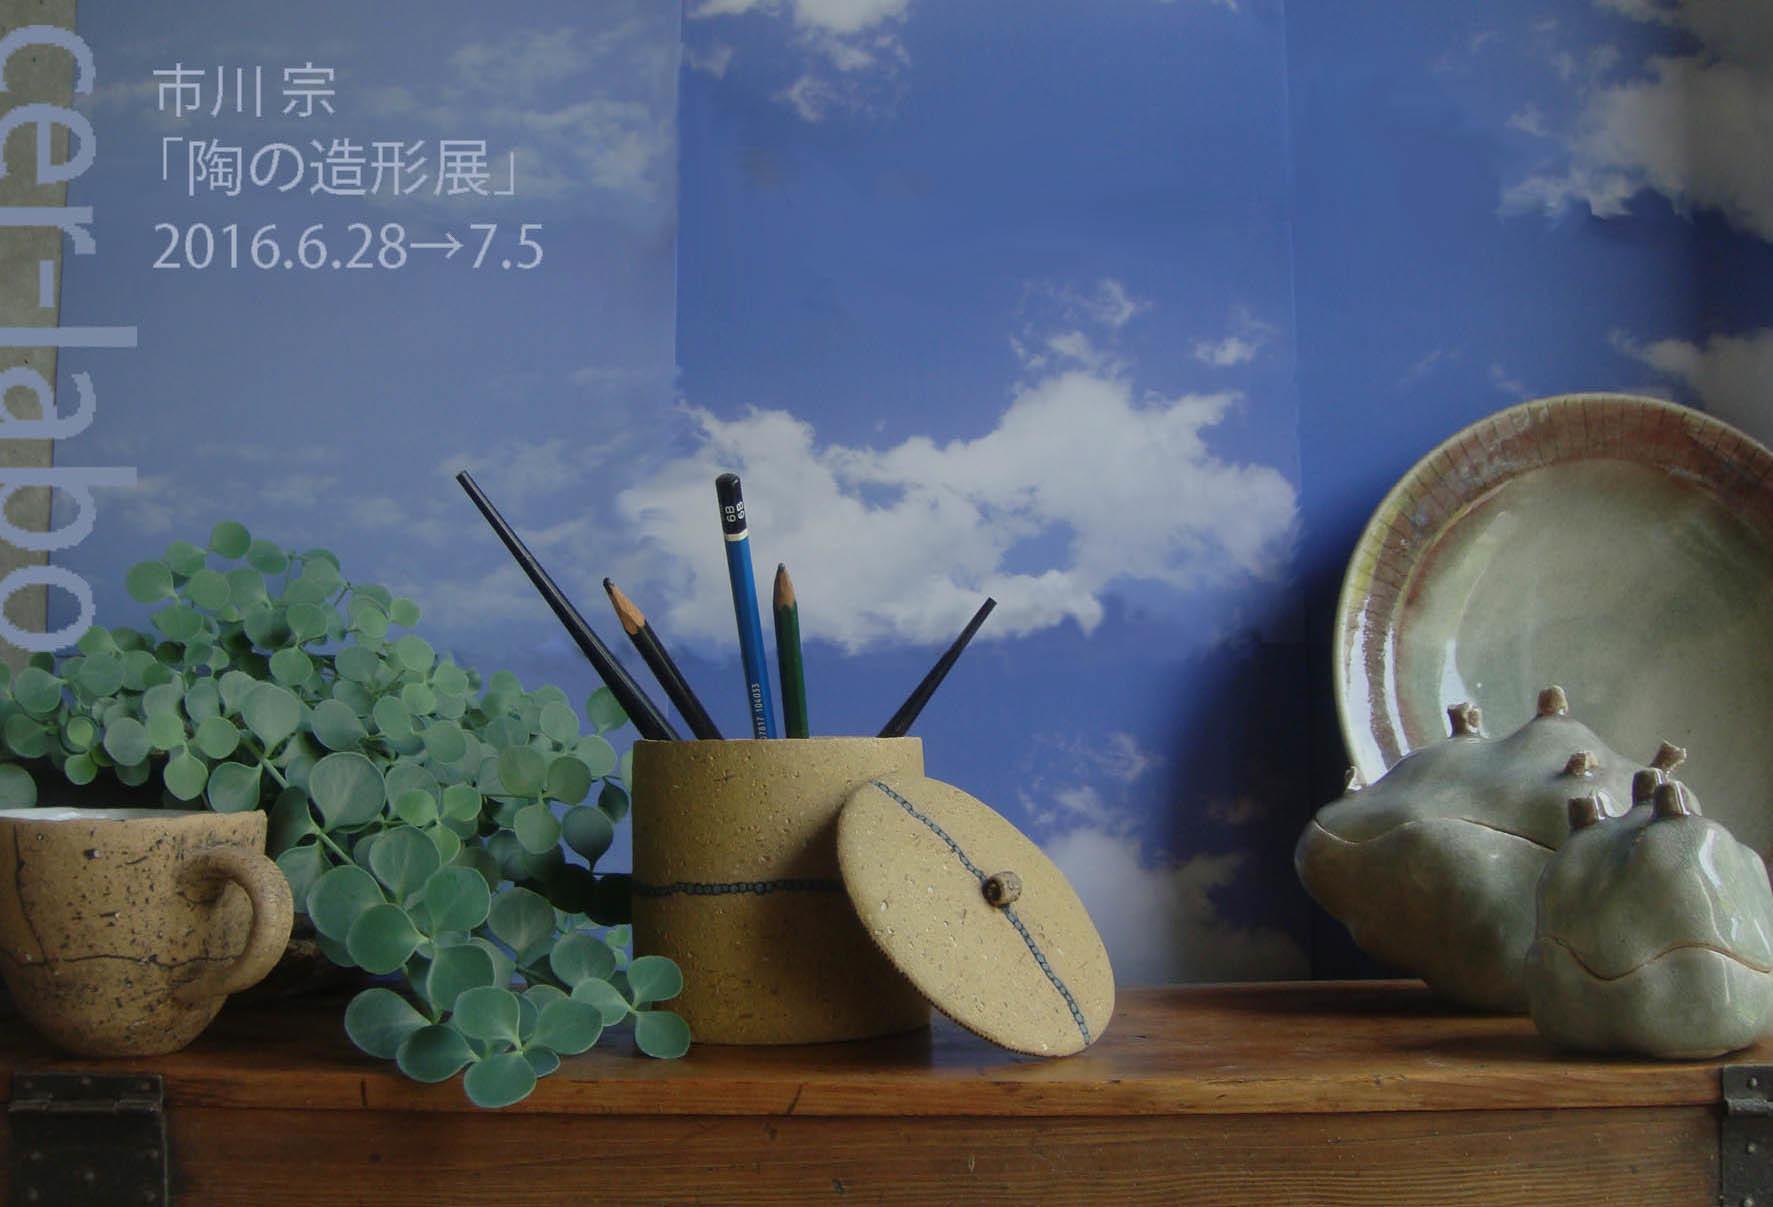 日本橋のDMデザイン_e0226943_22564015.jpg